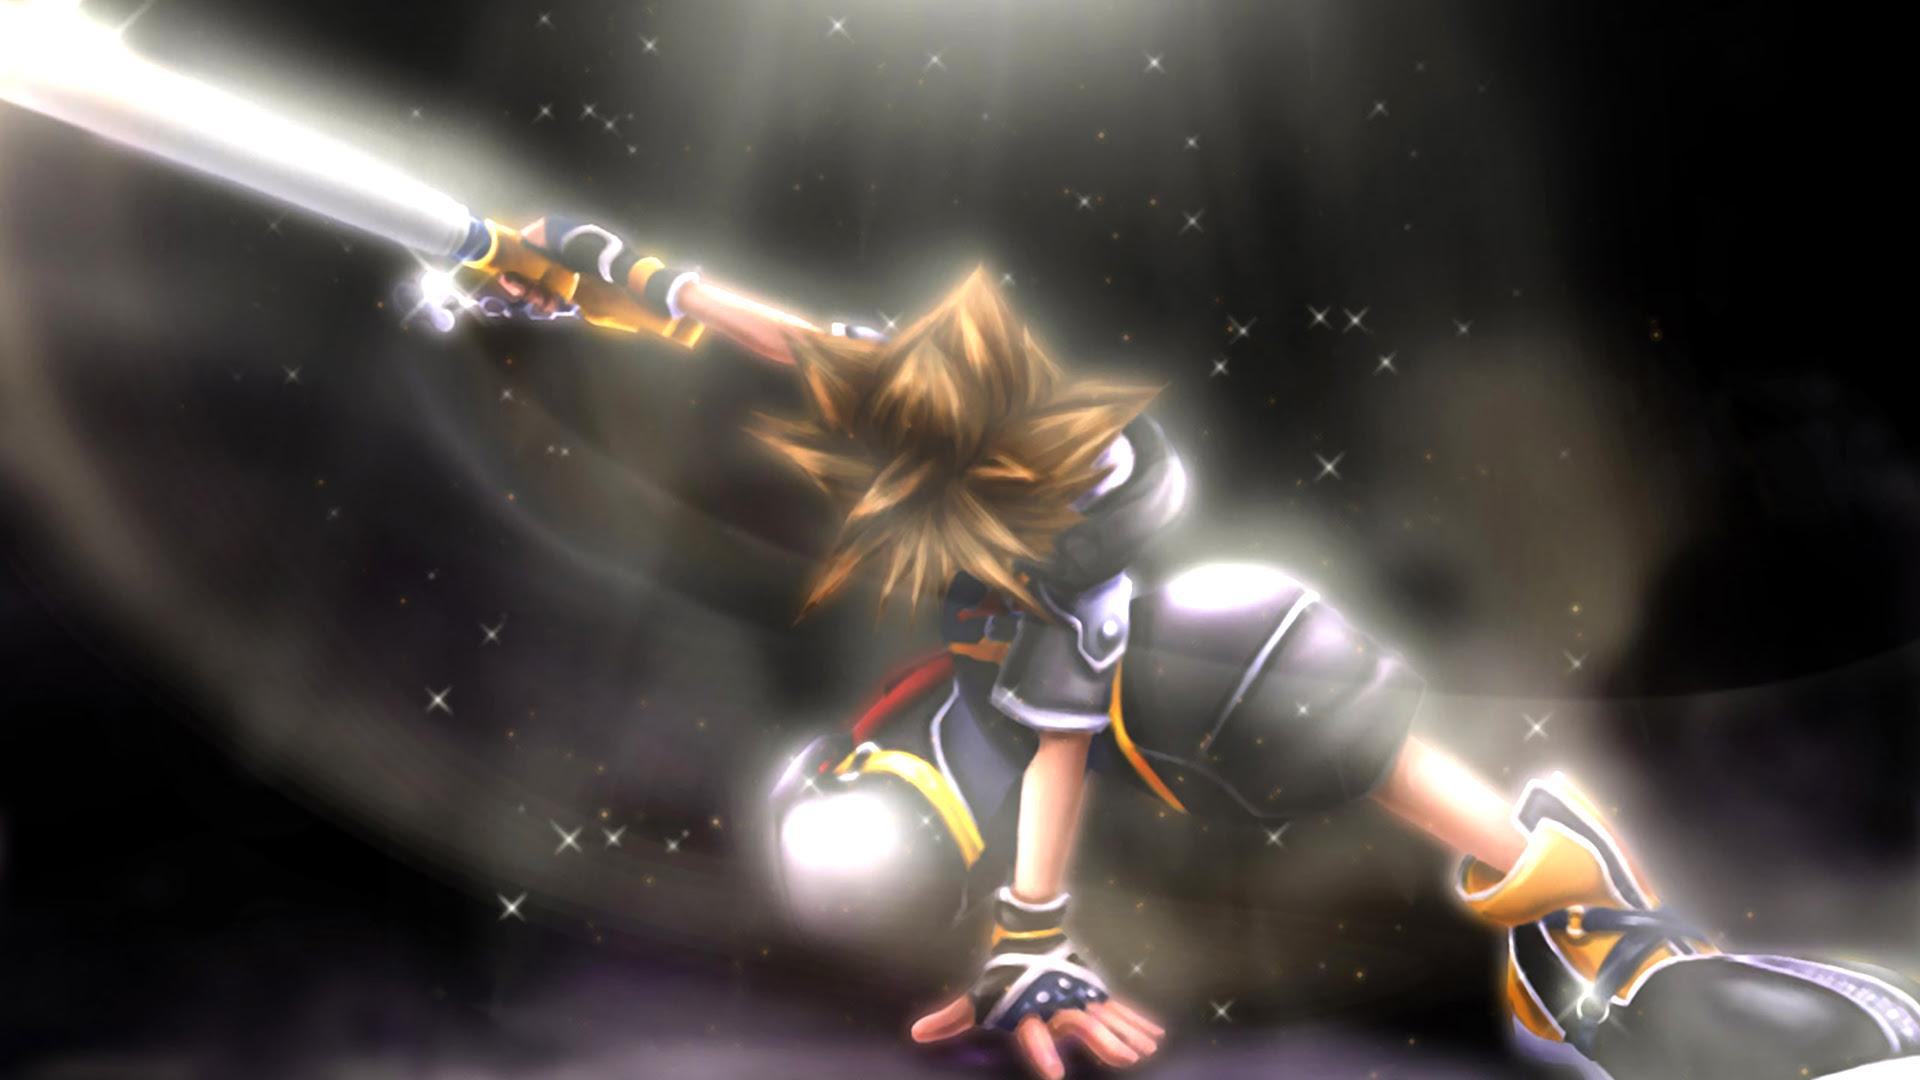 Kingdom Hearts Hd Wallpaper 1920x1080 52453